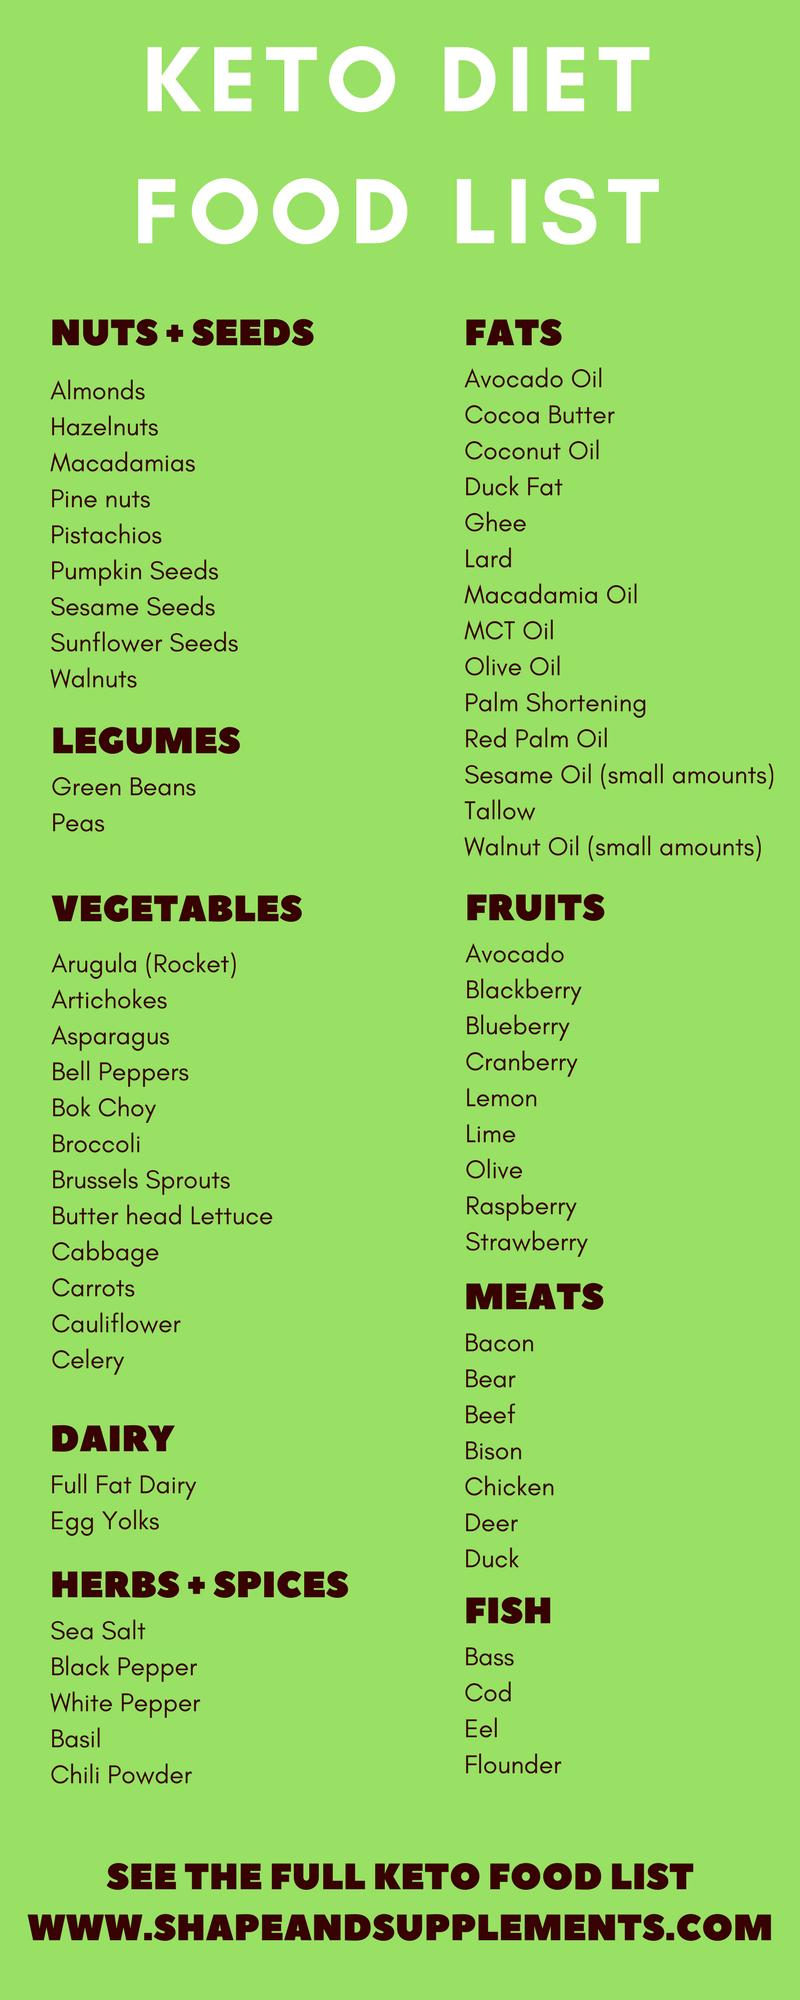 Keto Diet Food List What To Eat On A Keto Diet Keto Ketodiet